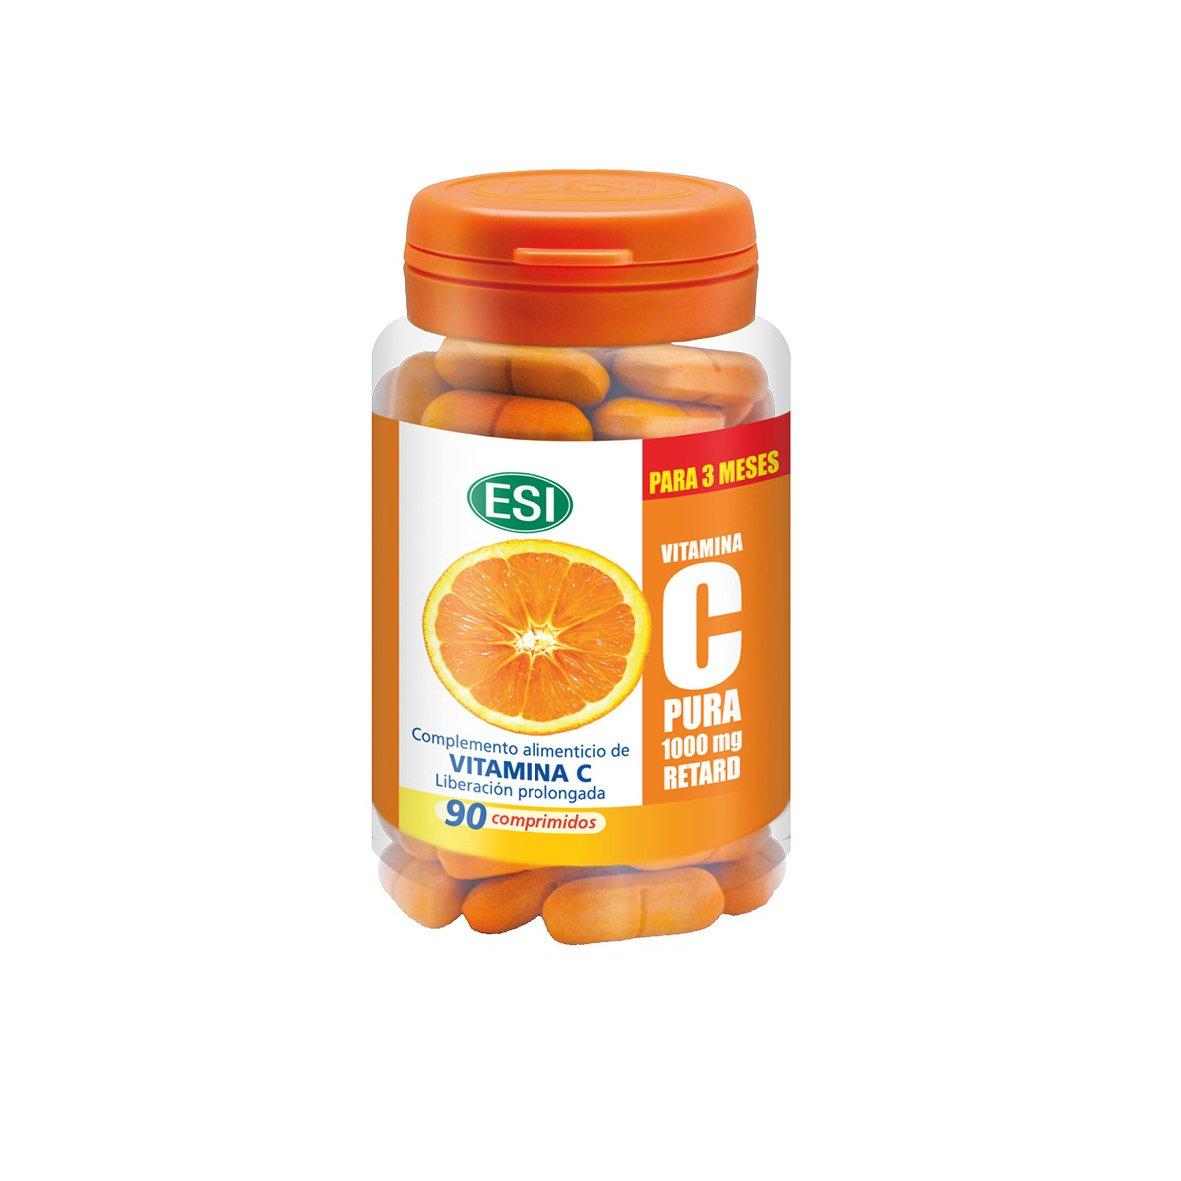 ESI Vitamina C Pura 1000 mg Retard - 90 Tabletas: Amazon.es: Salud y cuidado personal